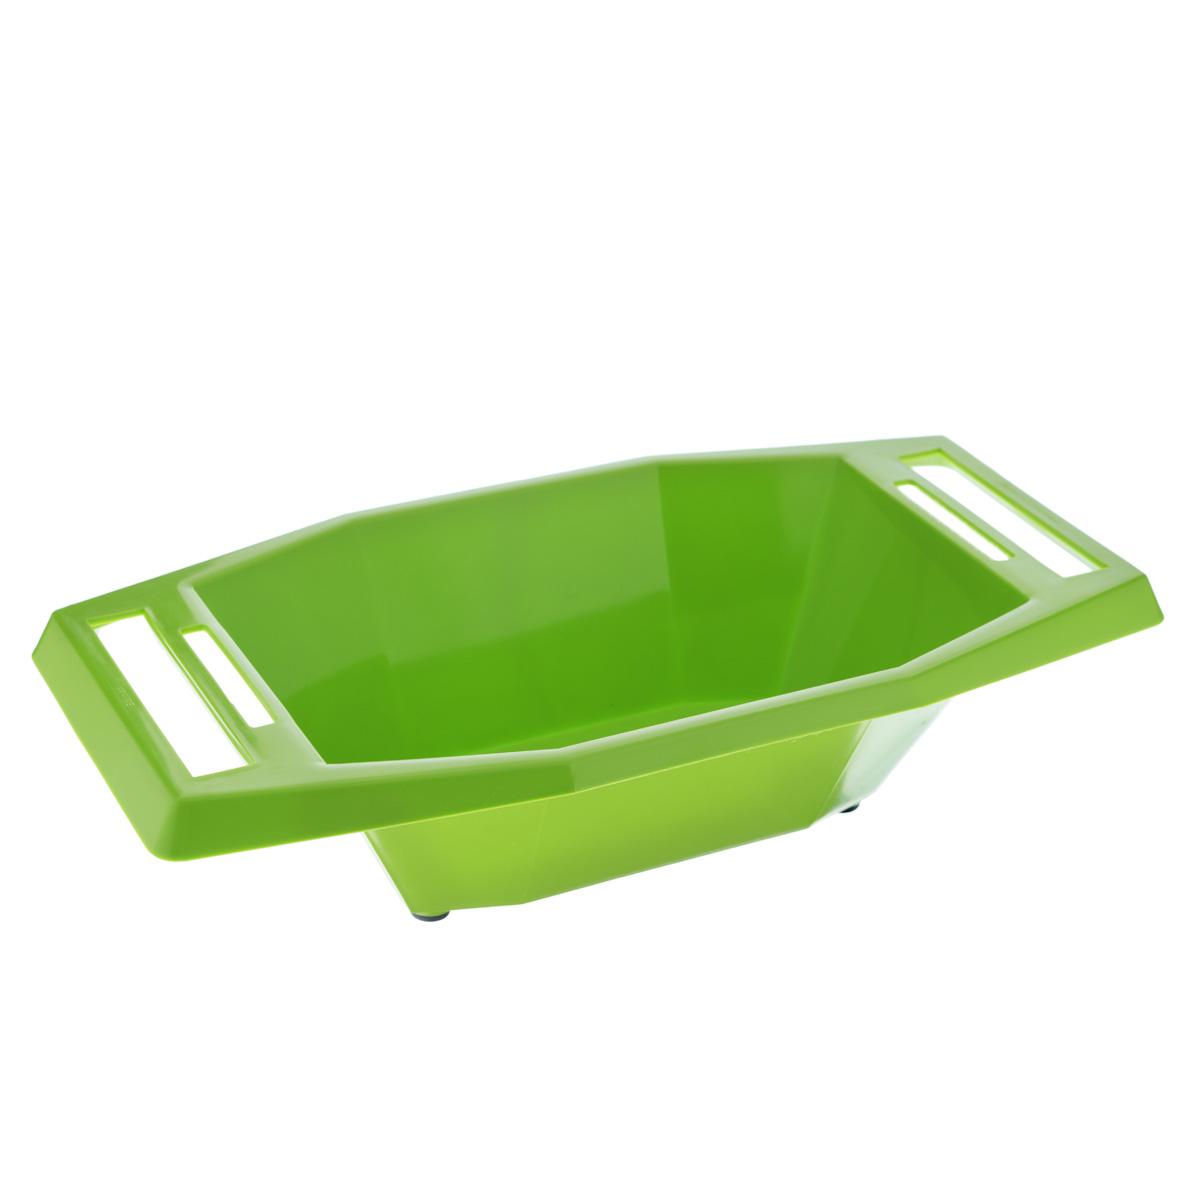 Судок для овощерезок и терок Borner, цвет: зеленый, 18,5 х 35 х 8,5 см3721074Судок Borner изготовлен из пищевой пластмассы, устойчивой к воздействию уксуса и масла. Благодаря этому в нем можно готовить и подавать на стол любые салаты. Резиновые ножки не дадут судку скользить по столу. Ручки изделия имеют специальные прорези, в которых любая овощерезка и терка Borner крепится горизонтально и жестко. С судком Borner вам не придется собирать резаные овощи со стола и вытирать сок - все будет быстро, чисто и практично. С ним ваша работа будет намного эффективнее и гигиеничнее.